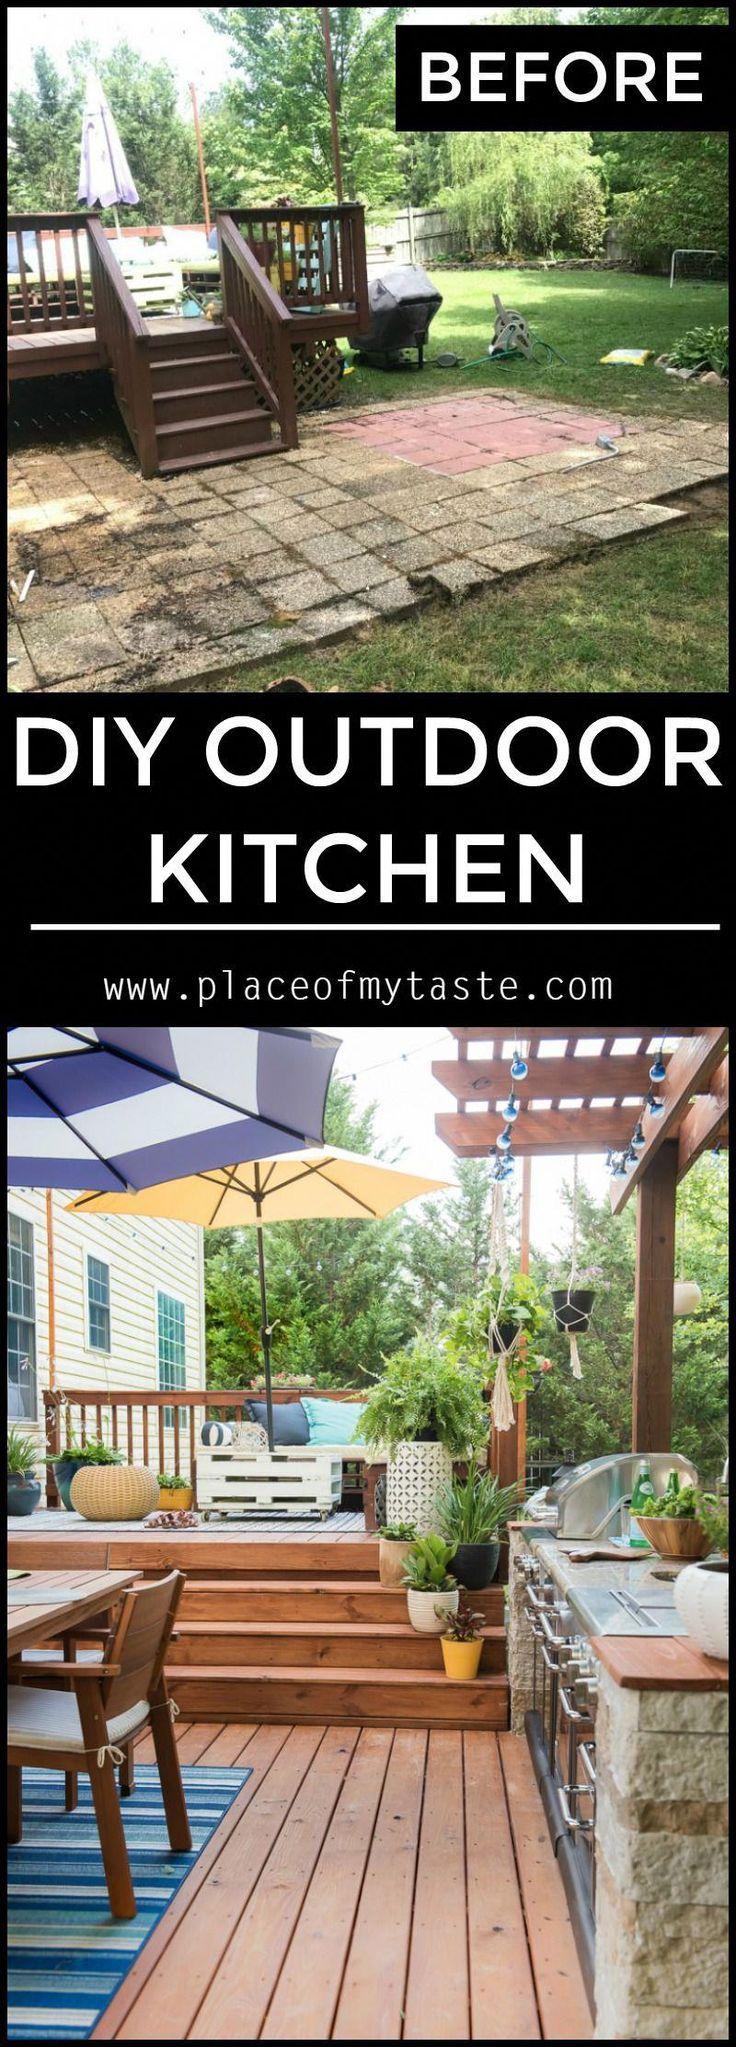 Kommen Sie und sehen Sie diese erstaunliche DIY-Outdoor-Küche, die wir gebaut haben. Ich kann Ihnen versichern, dass meine Familie dort draußen viel Zeit verbringen wird. Fabelhafte Außenküche – IKAE Dekoration